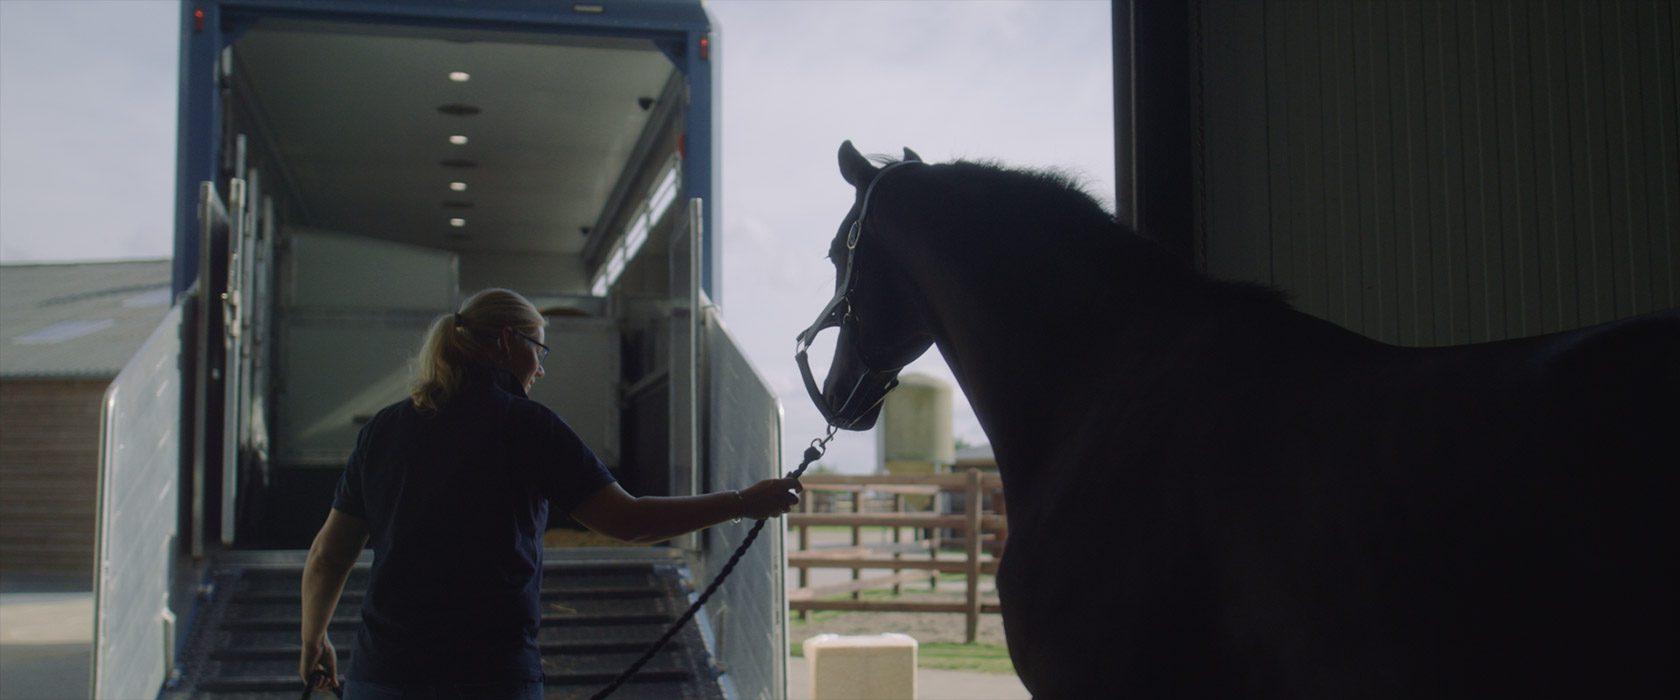 film_still_horses4_1680x700